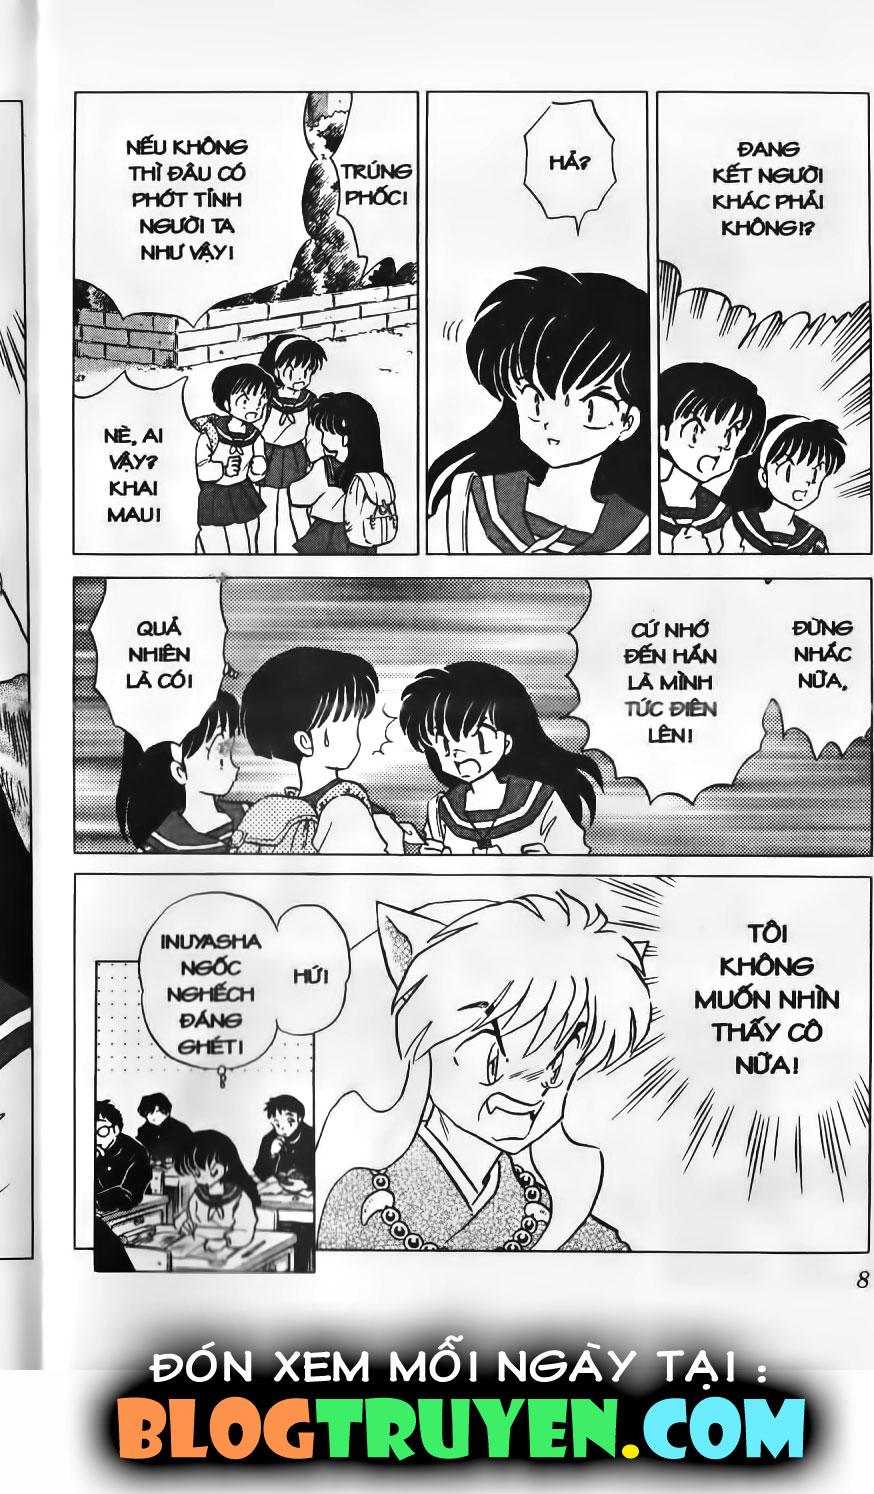 Inuyasha vol 15.1 trang 7